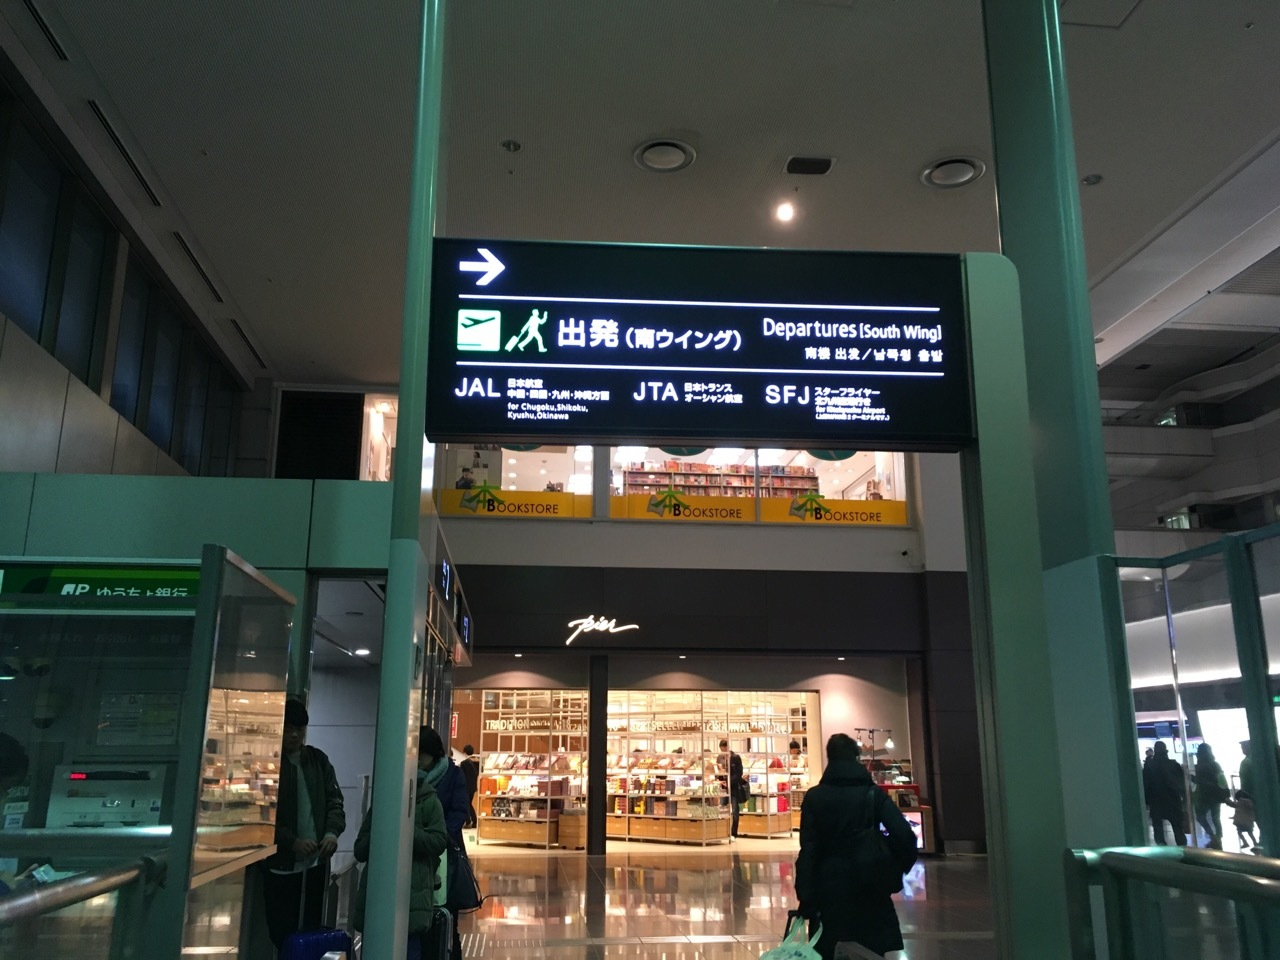 【大発見】 「GULLIVER'S DECK」♪ 子供と行こう!羽田空港國內線第1ターミナルにある「展望臺の上の展望臺 ...